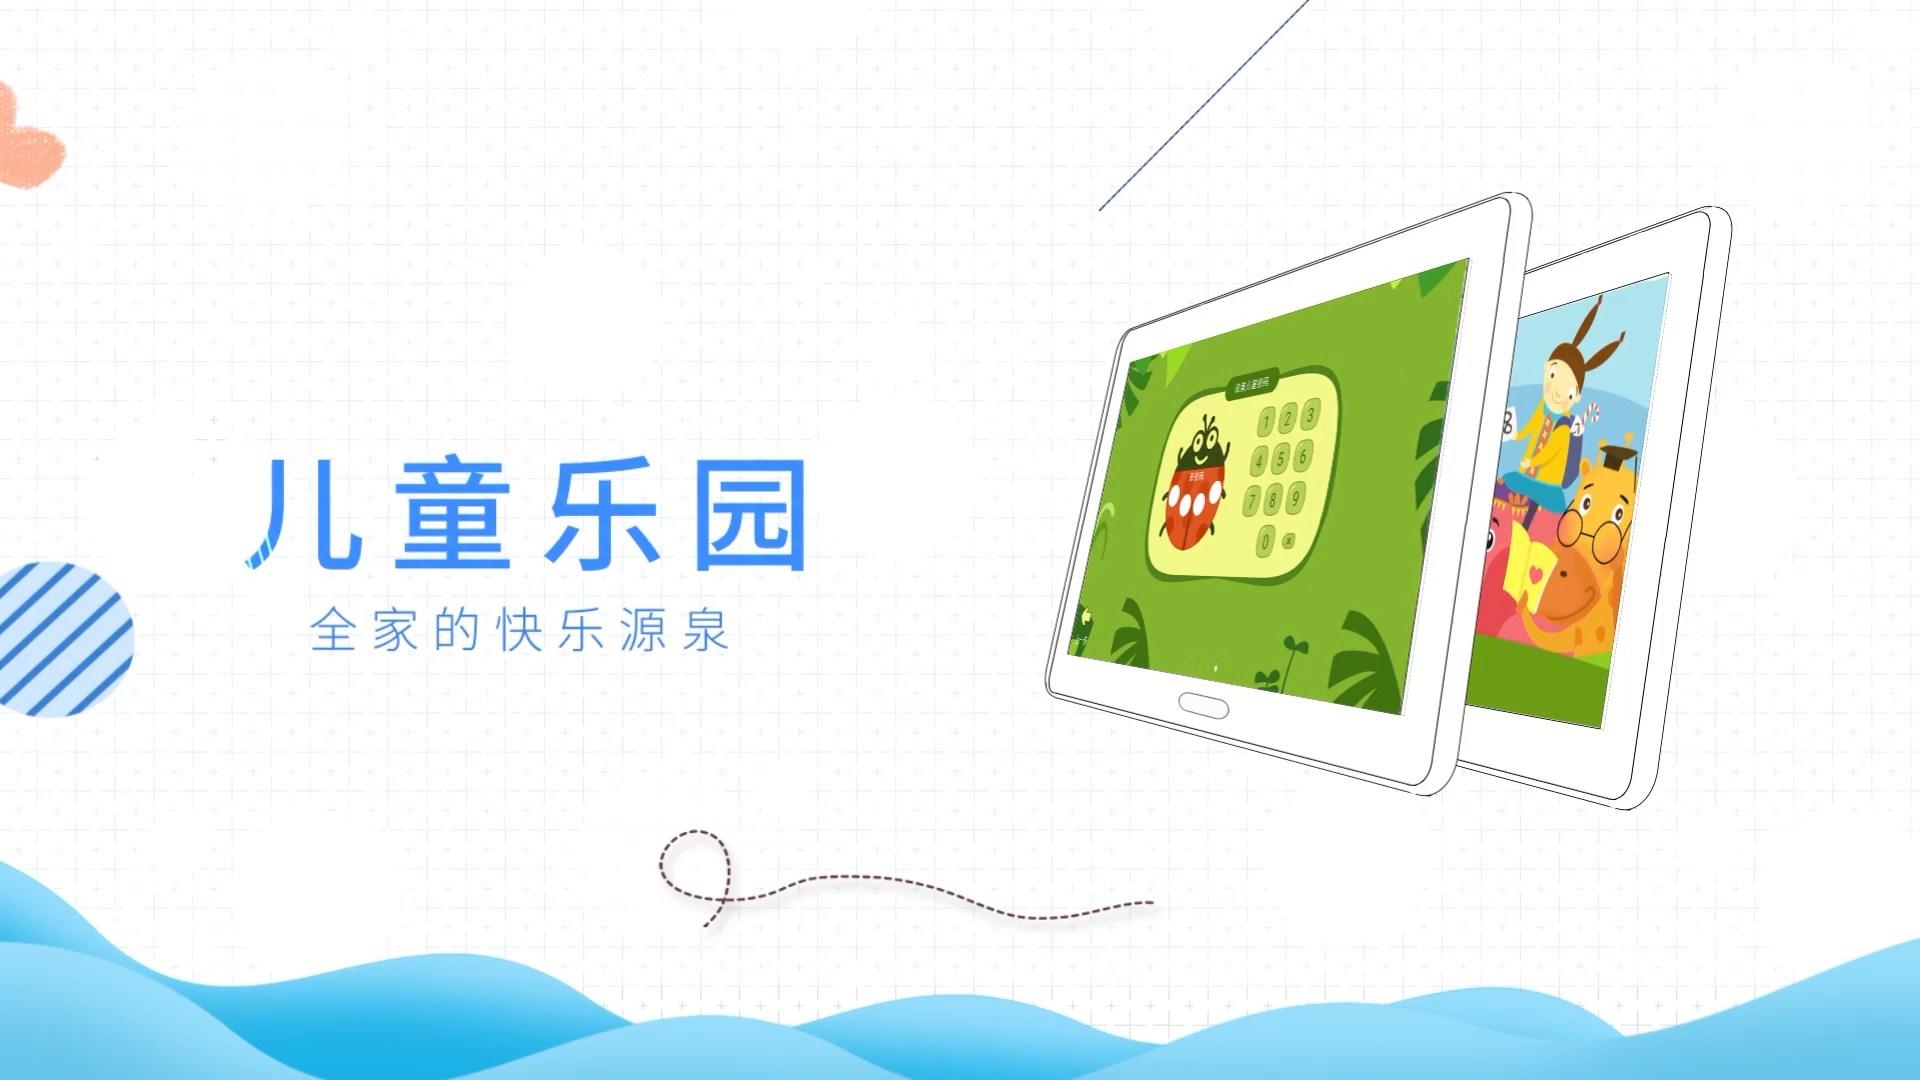 20181105174108-【视频】华为平板M5青春版-儿童乐园.mp4_snapshot_00.01.jpg